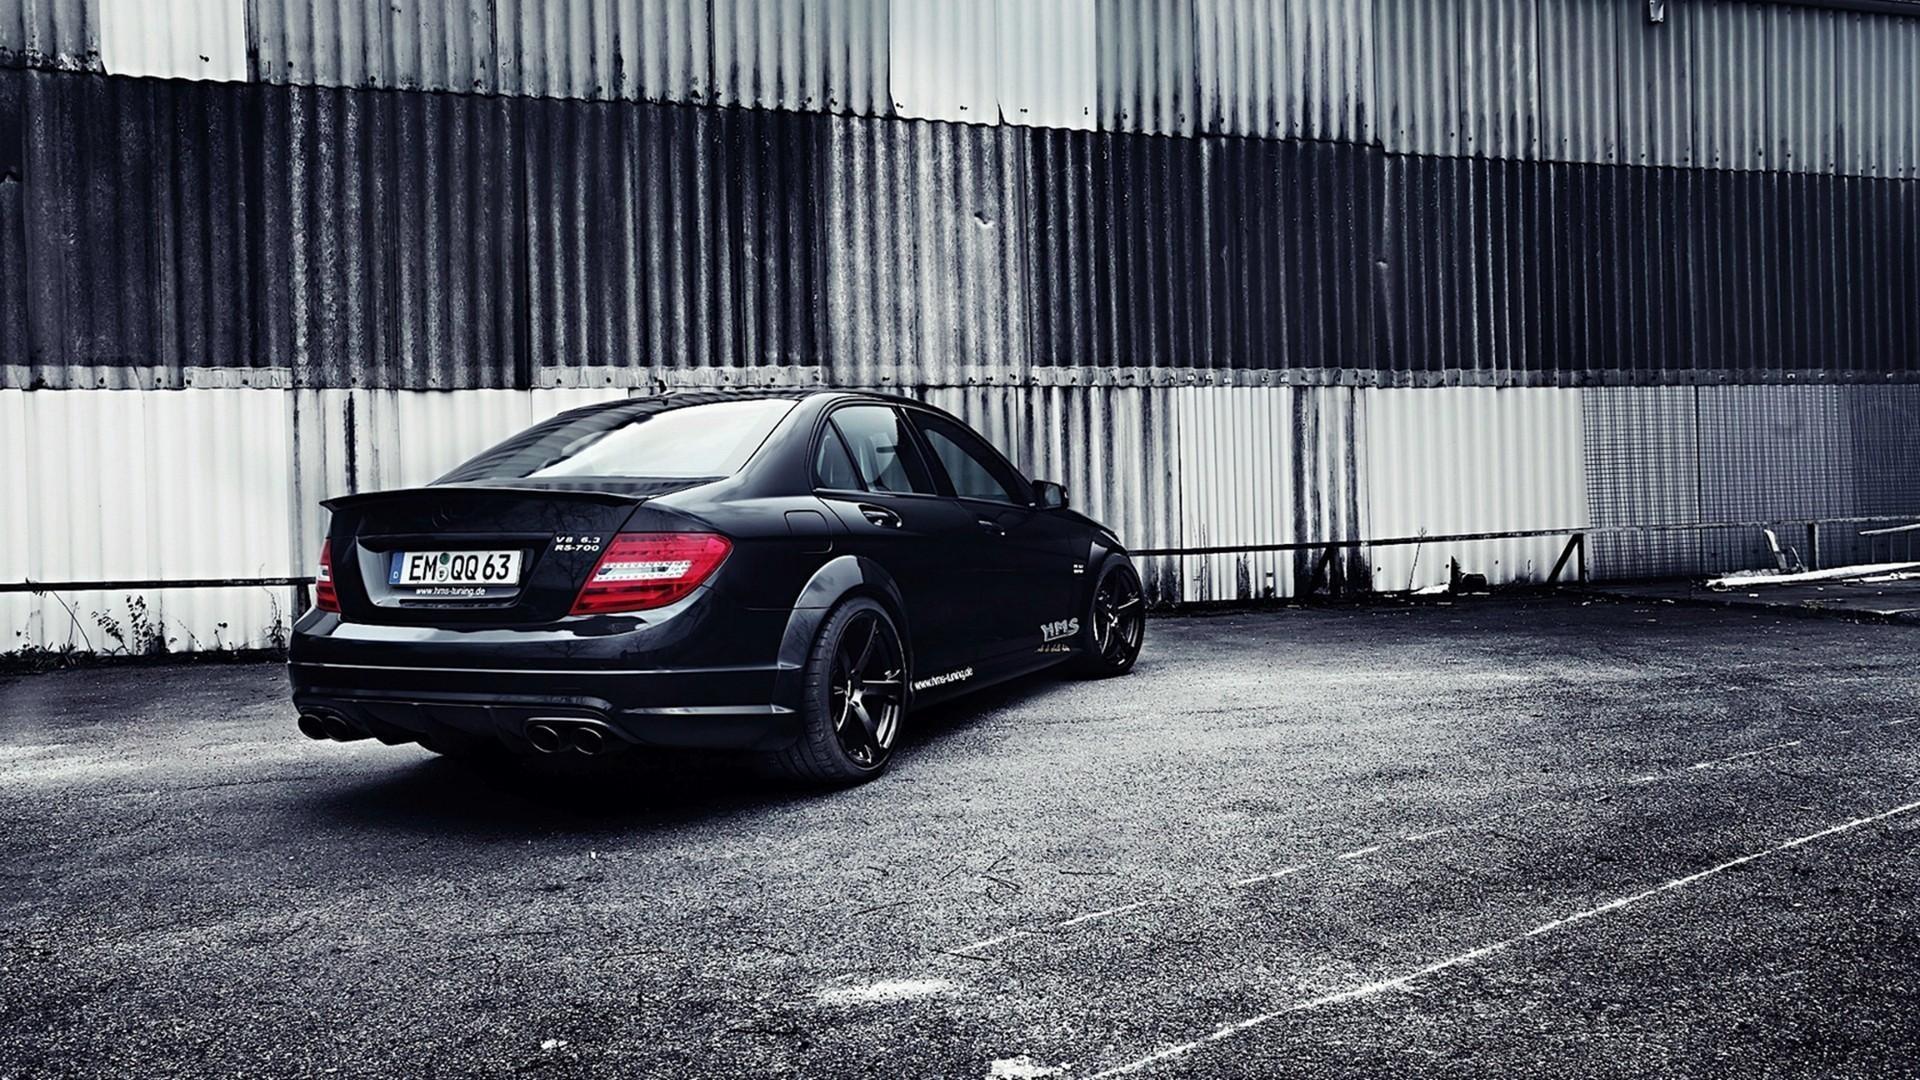 Mercedes benz c63 mercedes-benz black series amg wallpaper